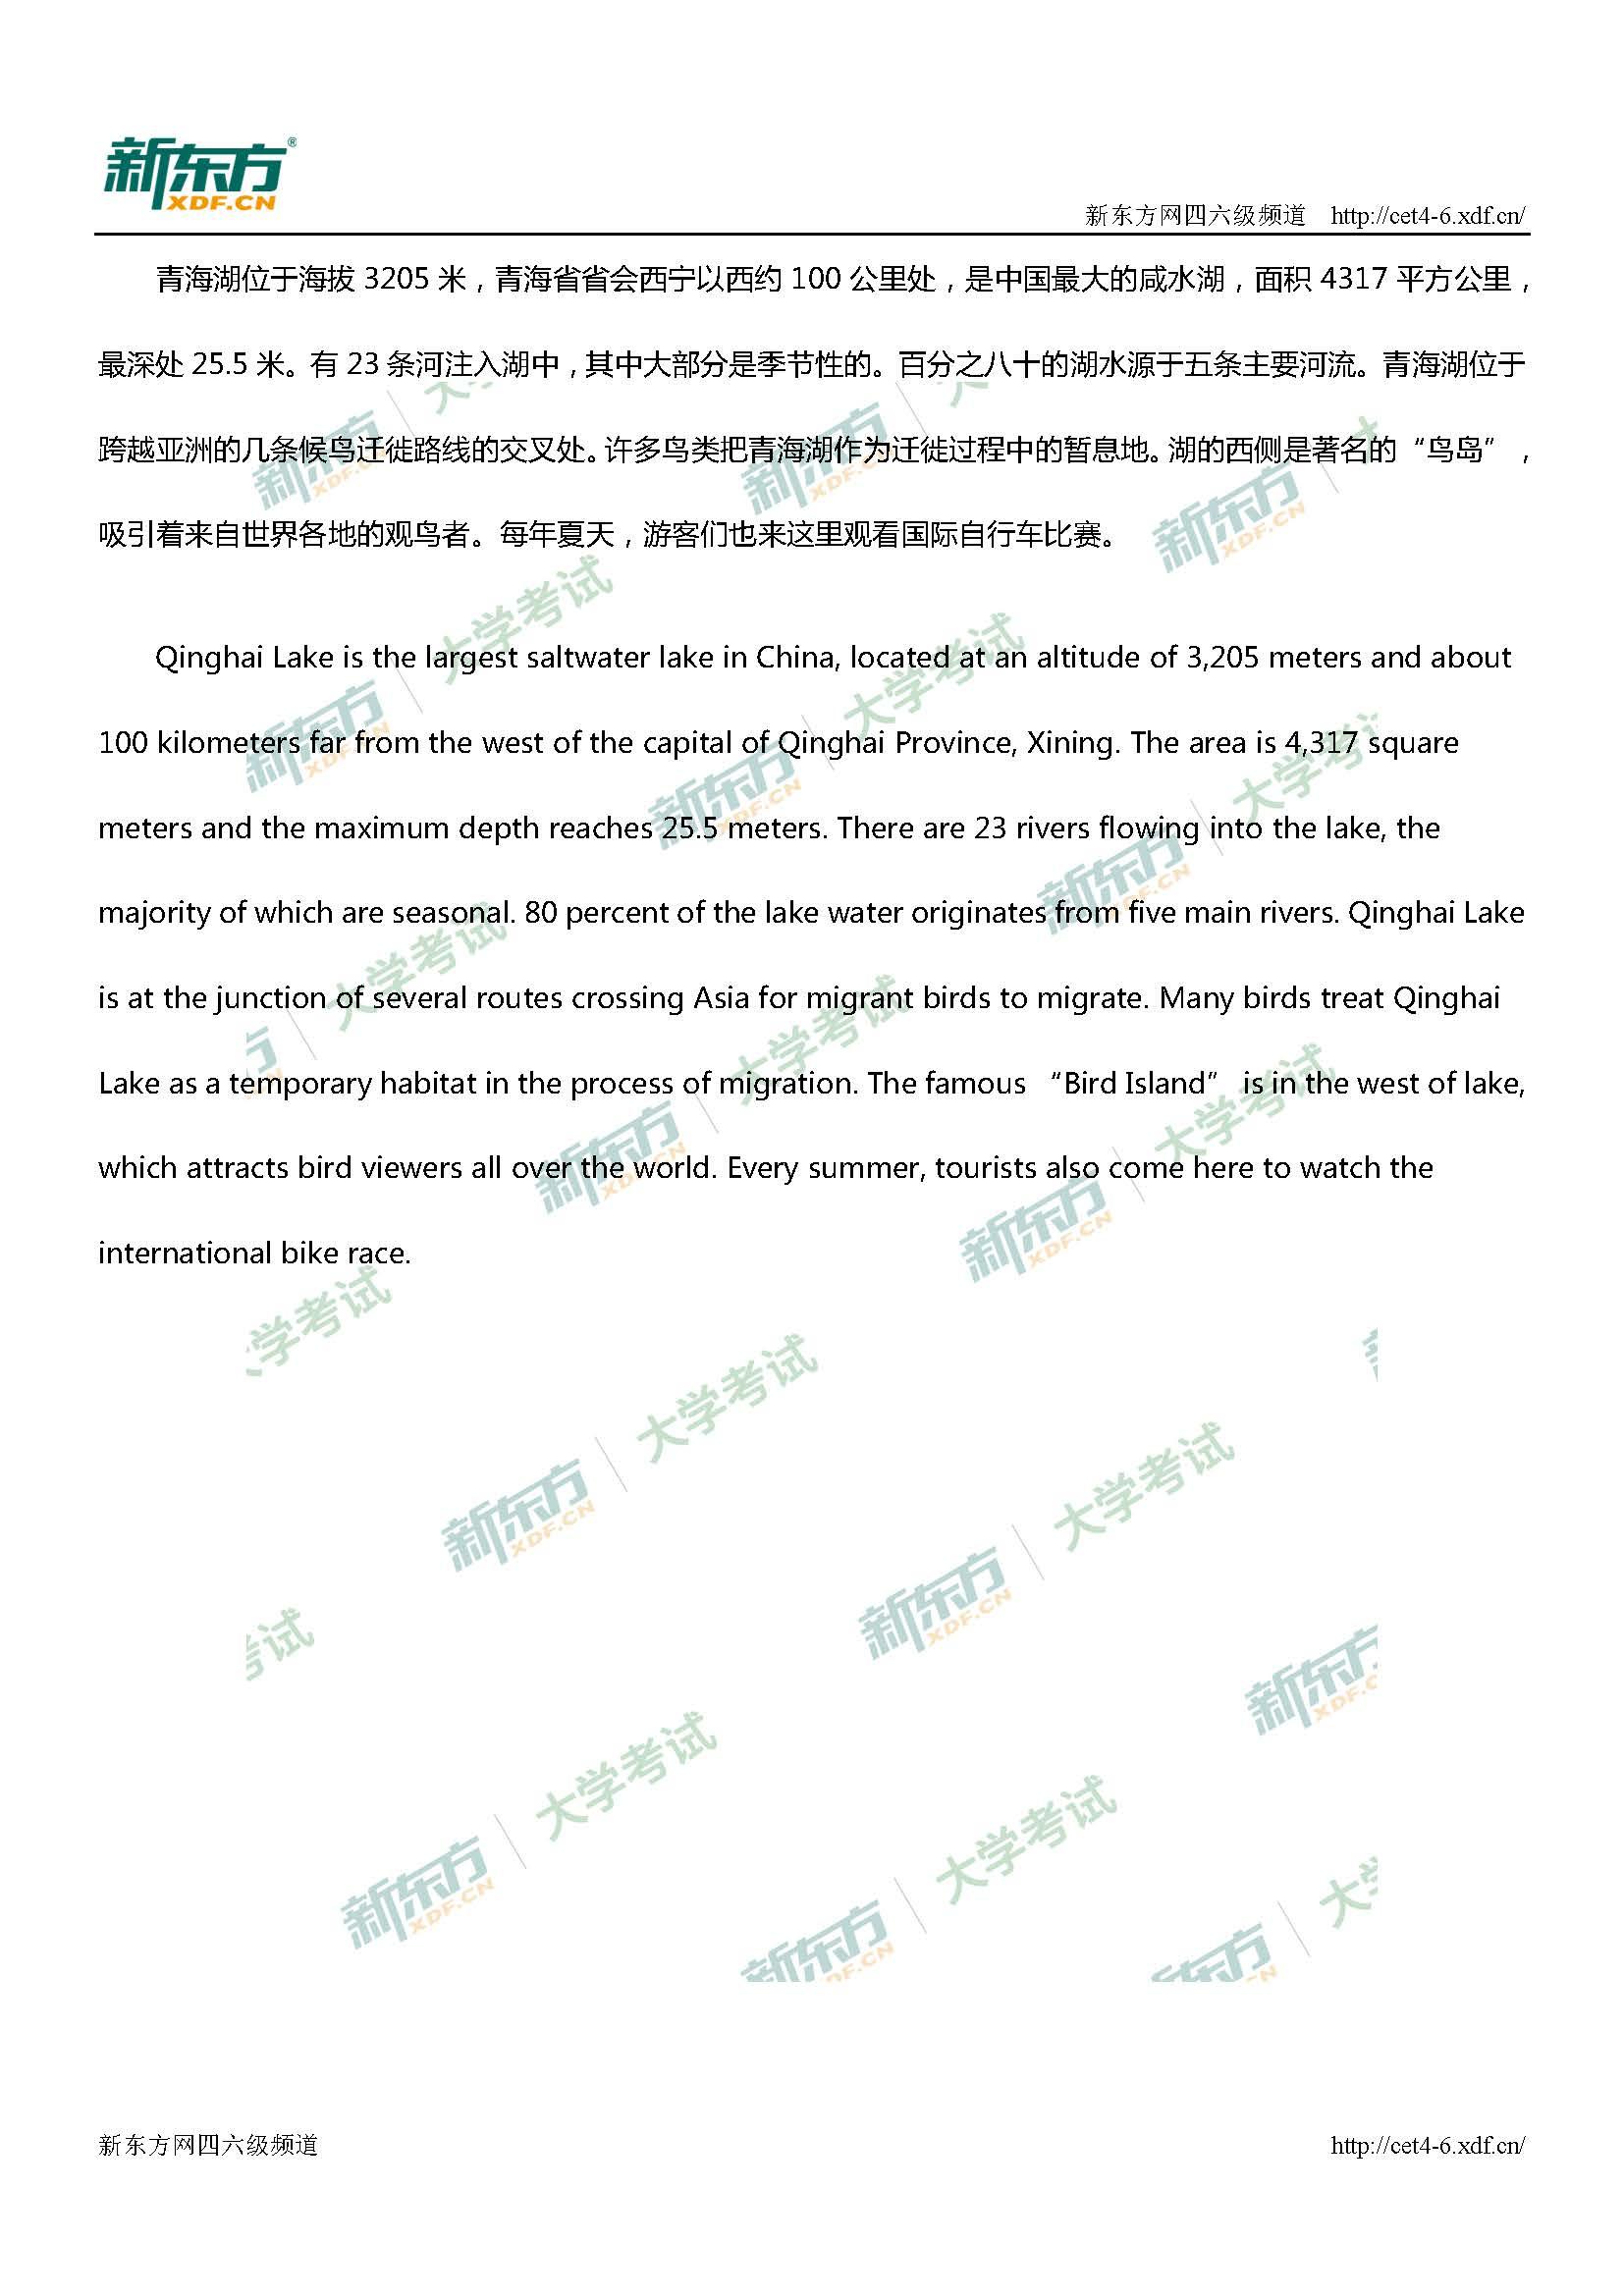 2017年12月大学英语六级翻译-青海湖(哈尔滨新东方)